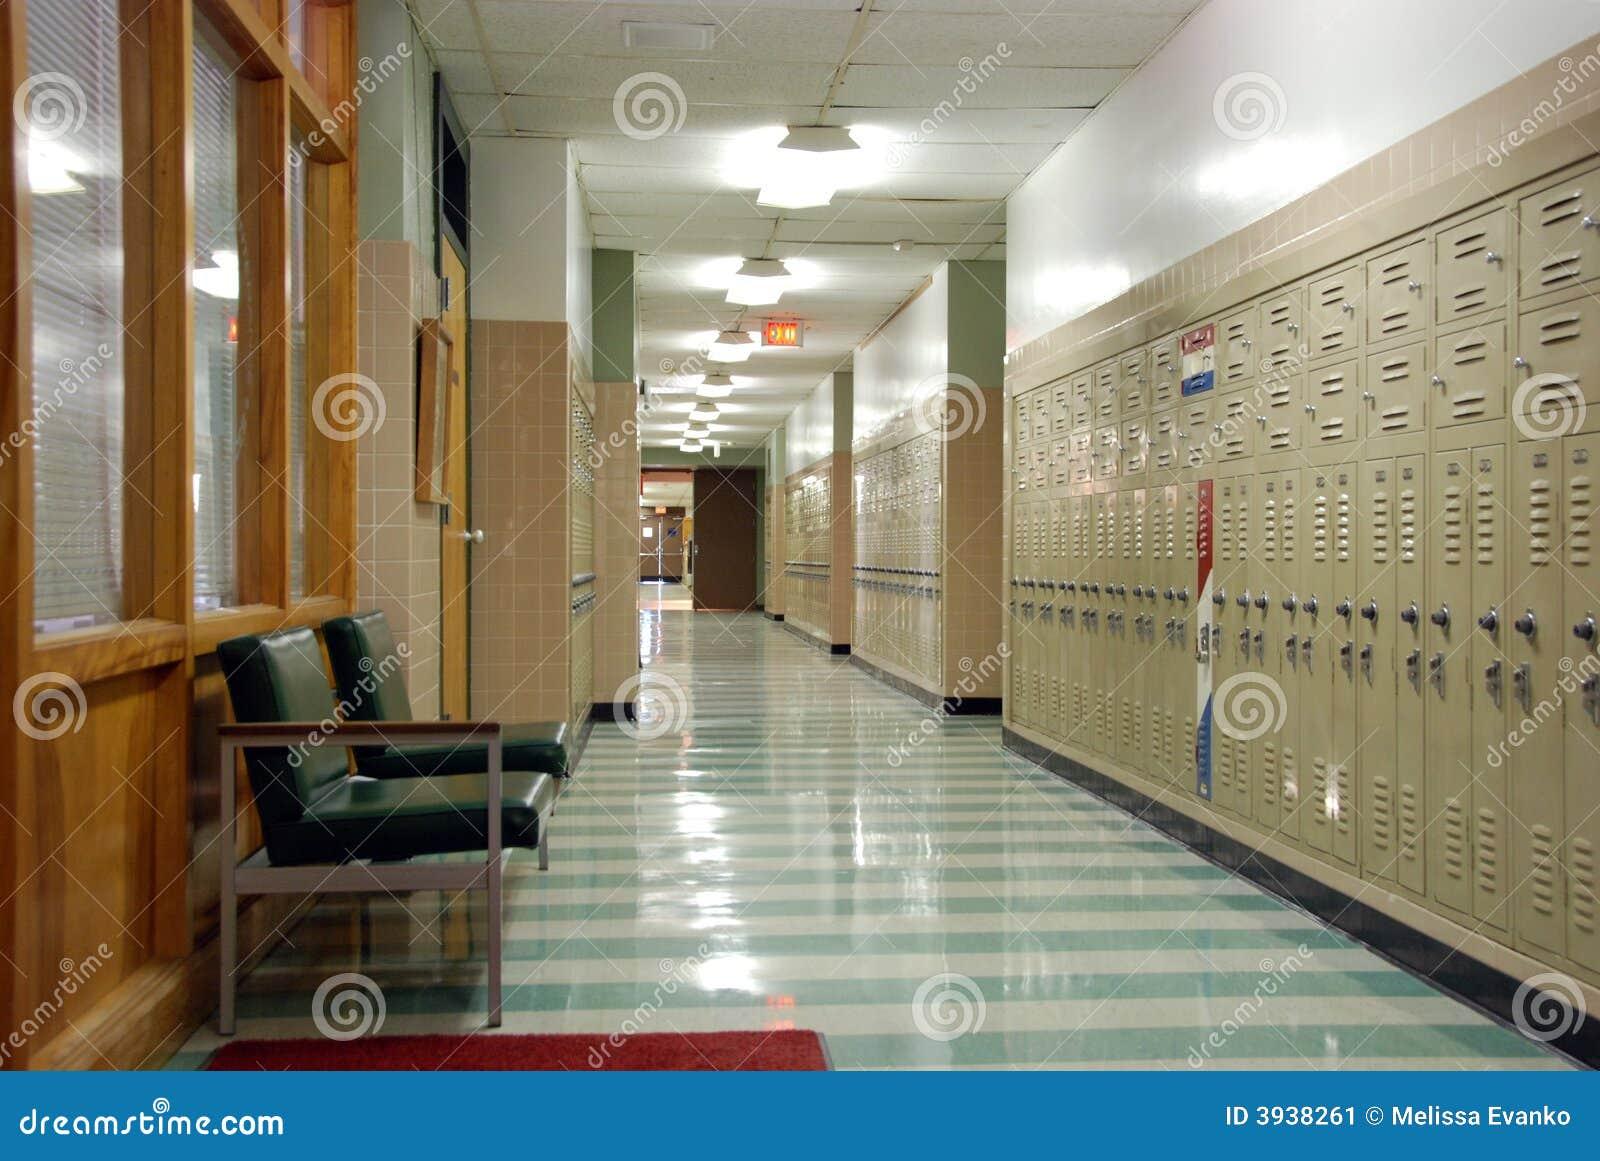 De gang van de school van hish stock afbeelding afbeelding 3938261 - Deco van de gang ...